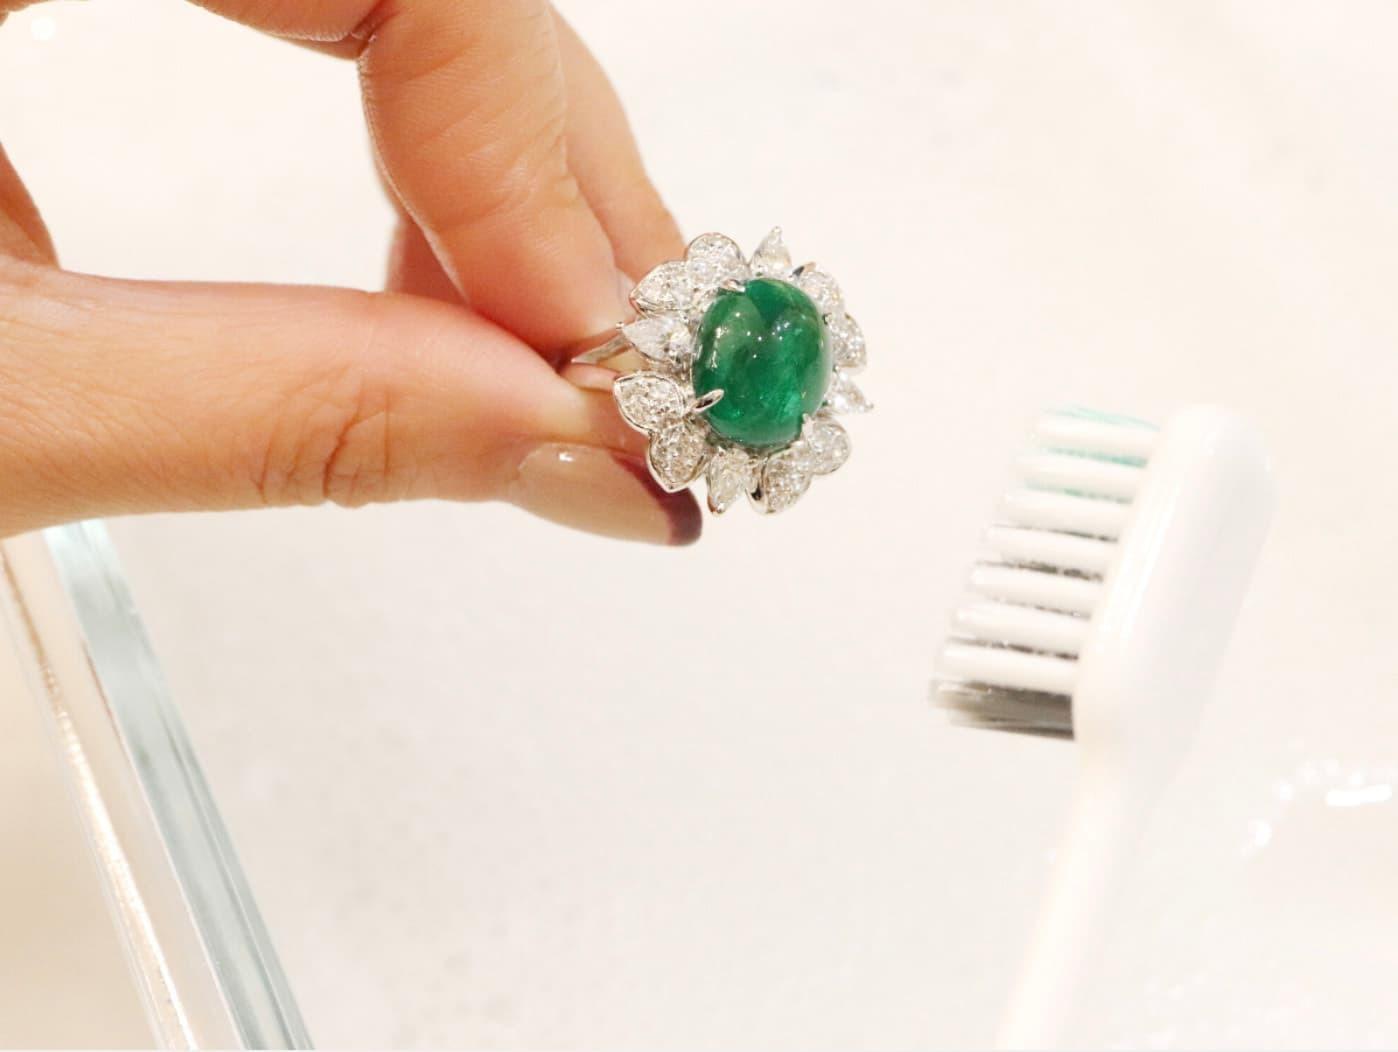 用軟毛刷輕刷飾品表面,清除污垢。